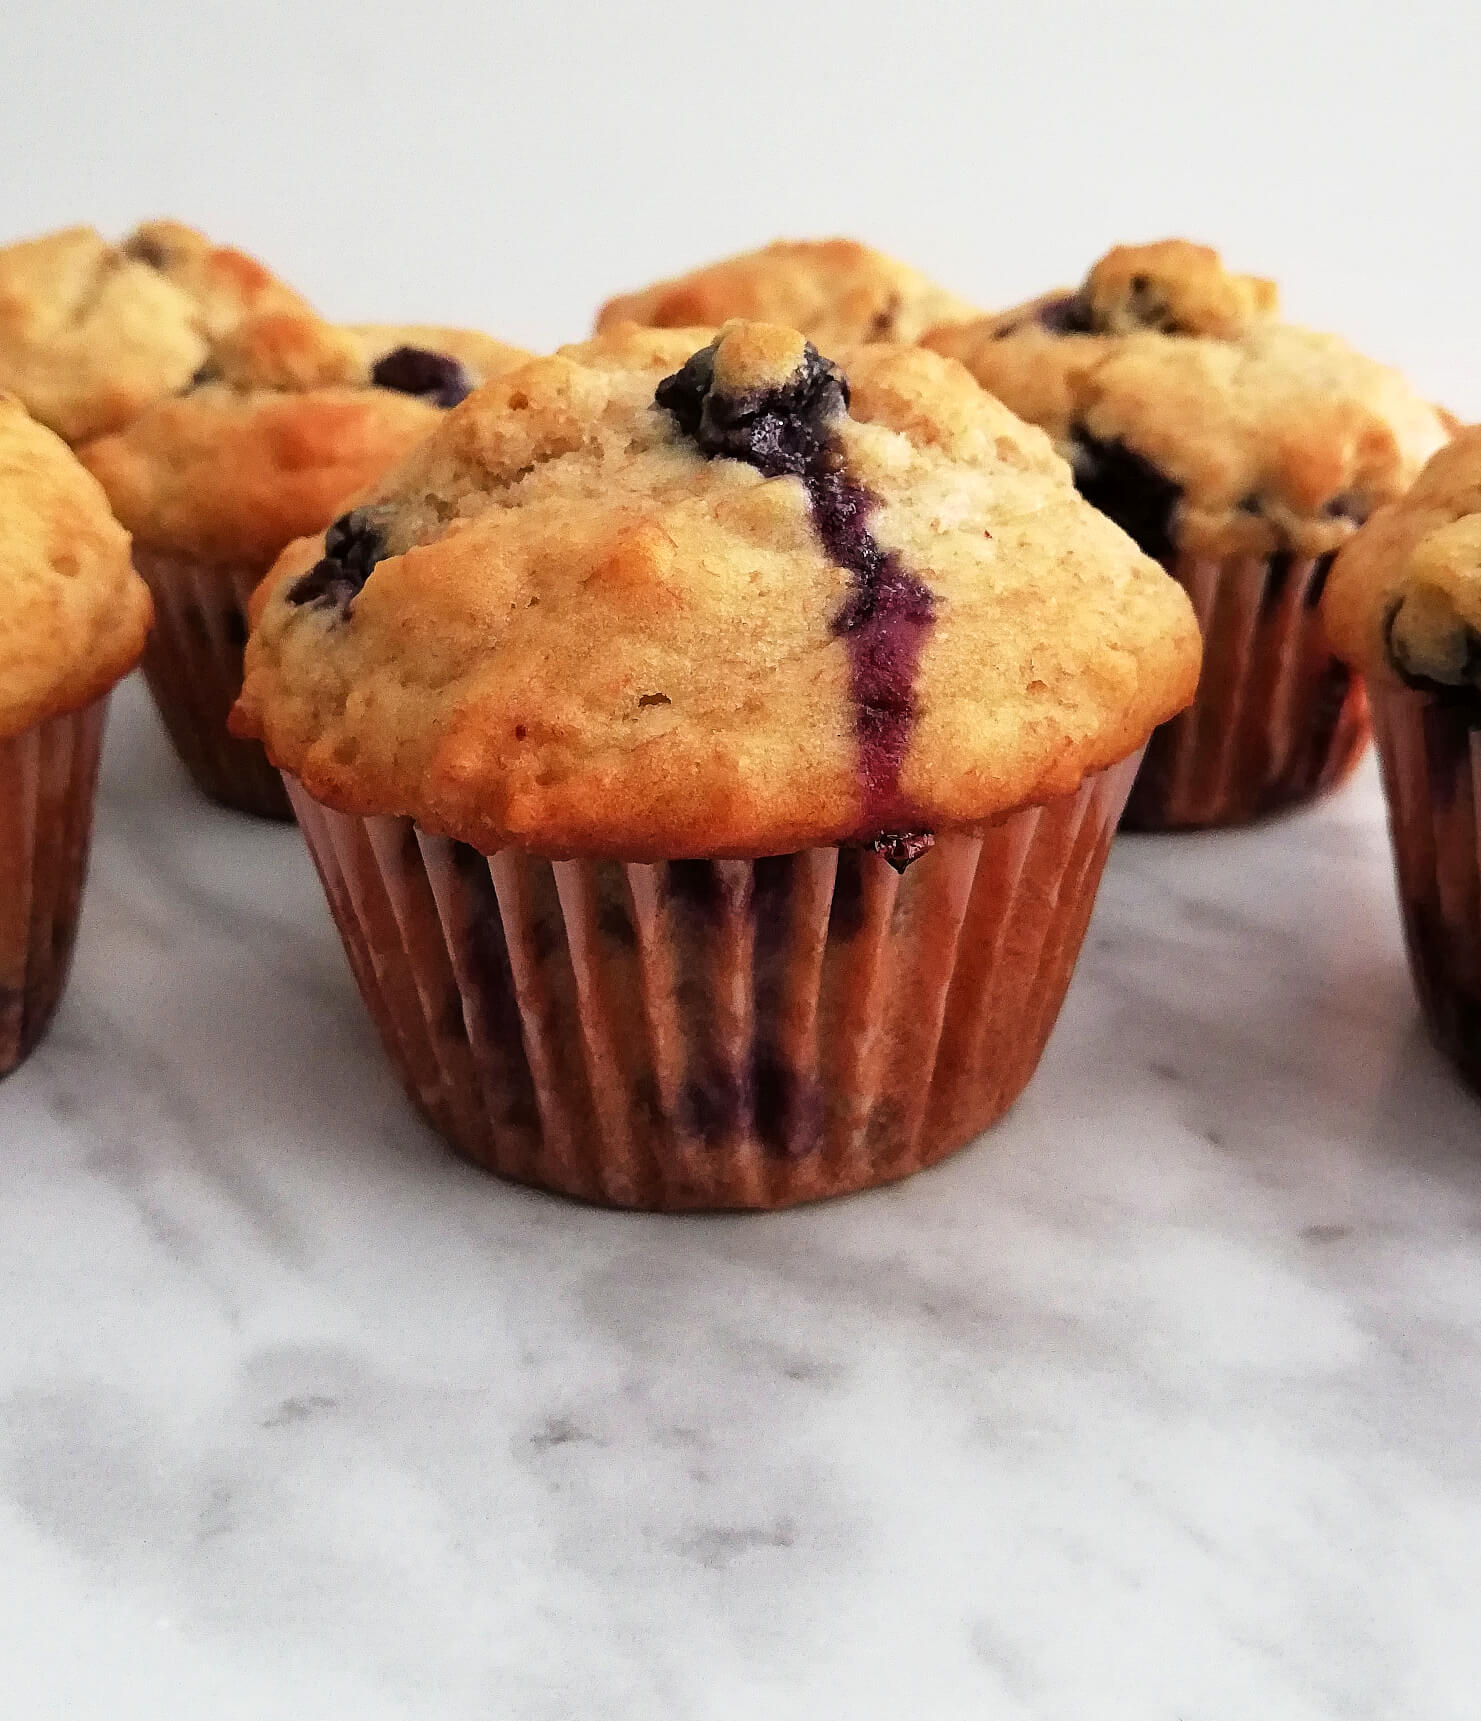 100% Whole Wheat Banana Blueberry Muffins